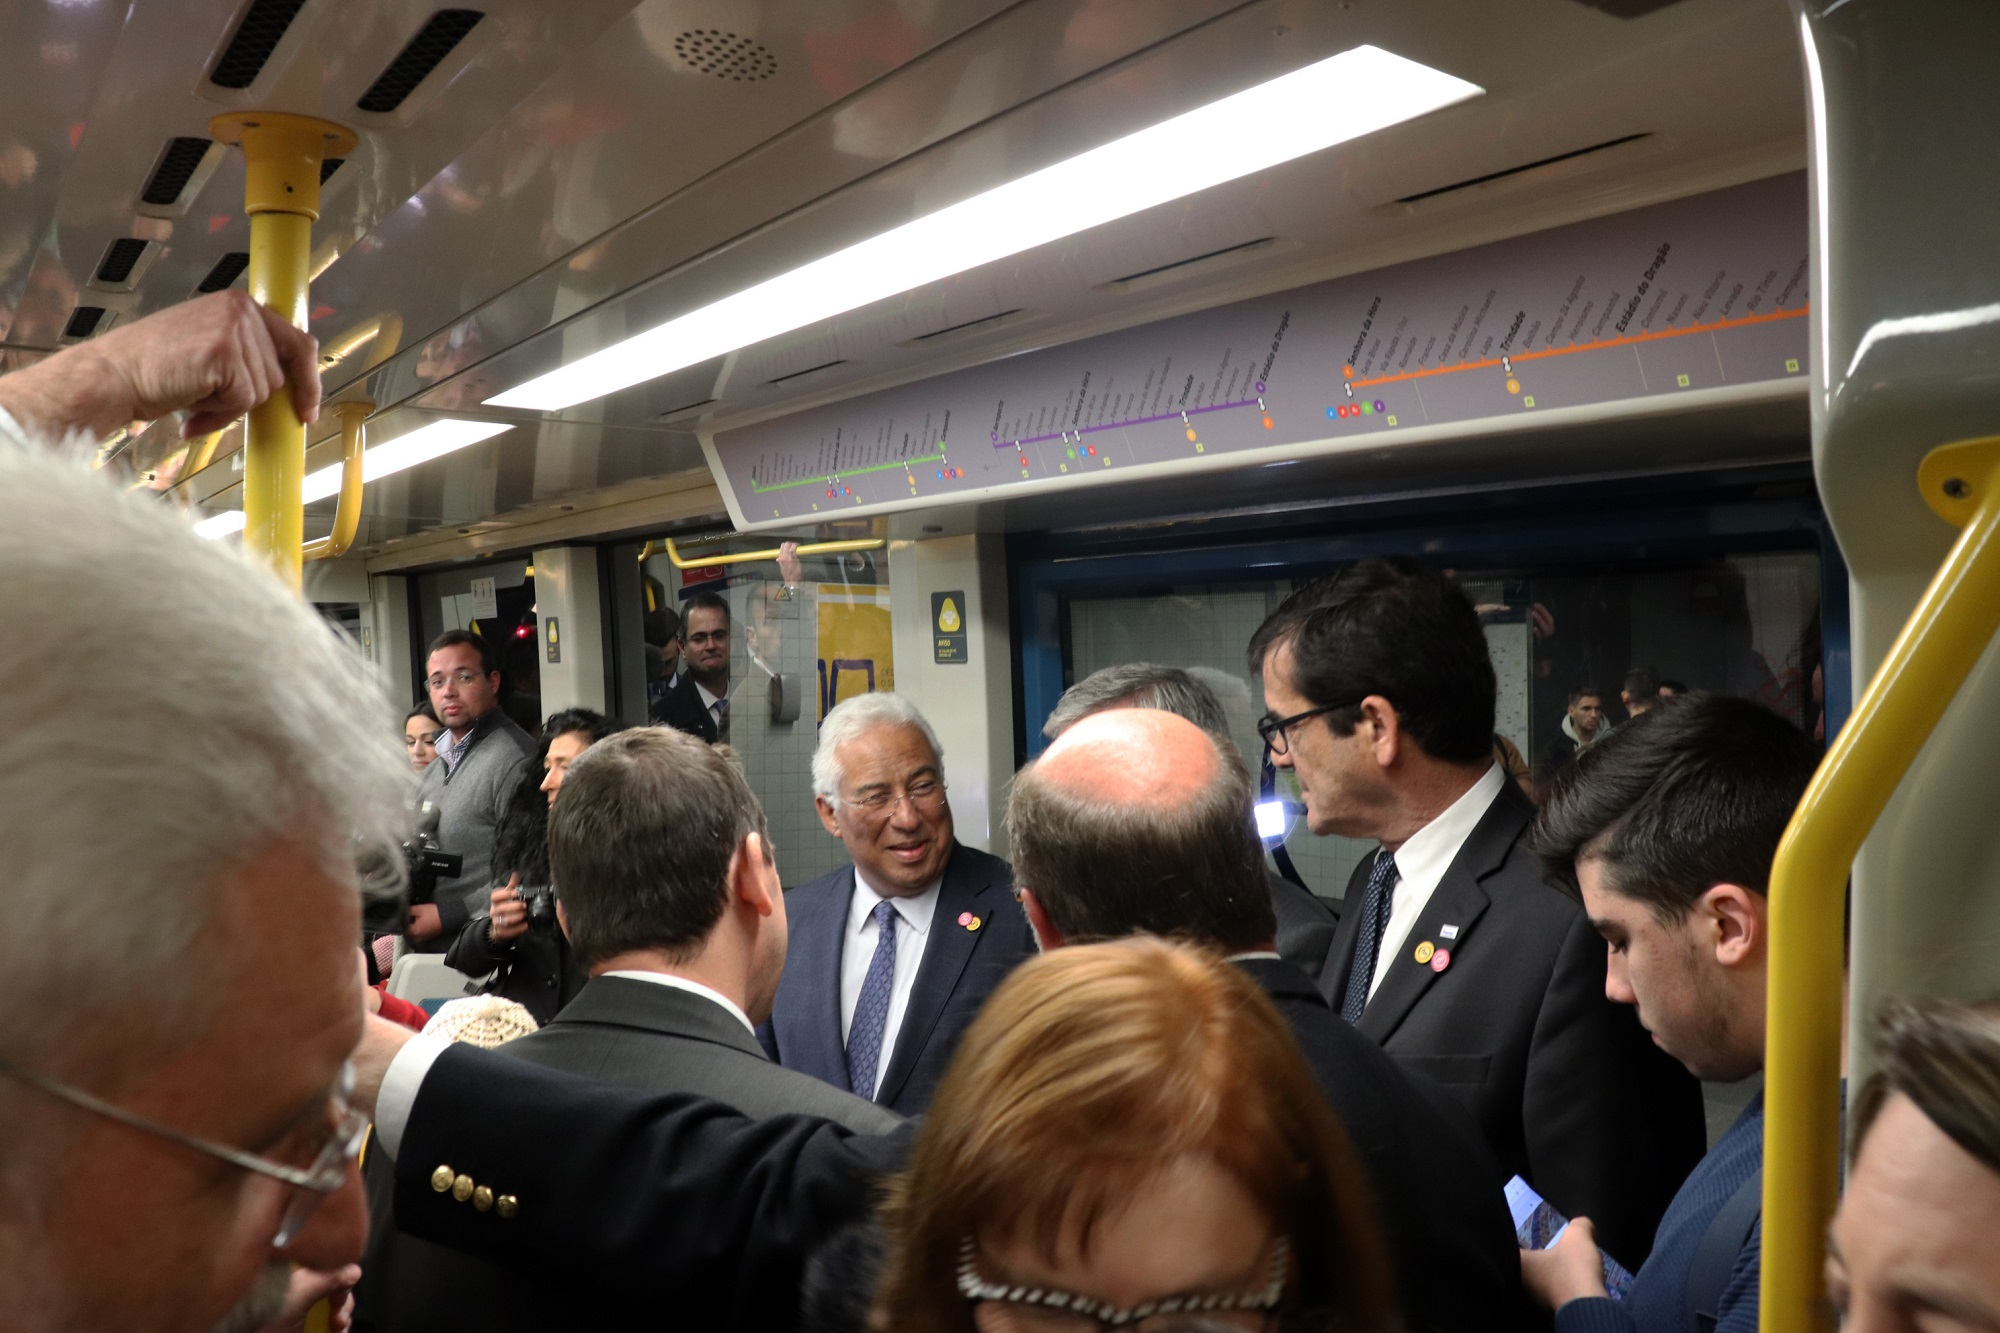 A cerimónia oficial começou na estação 24 de Agosto, no Porto, e terminou na estação de Santo Ovídio, em Gaia, depois de toda a comitiva viajar de metro.